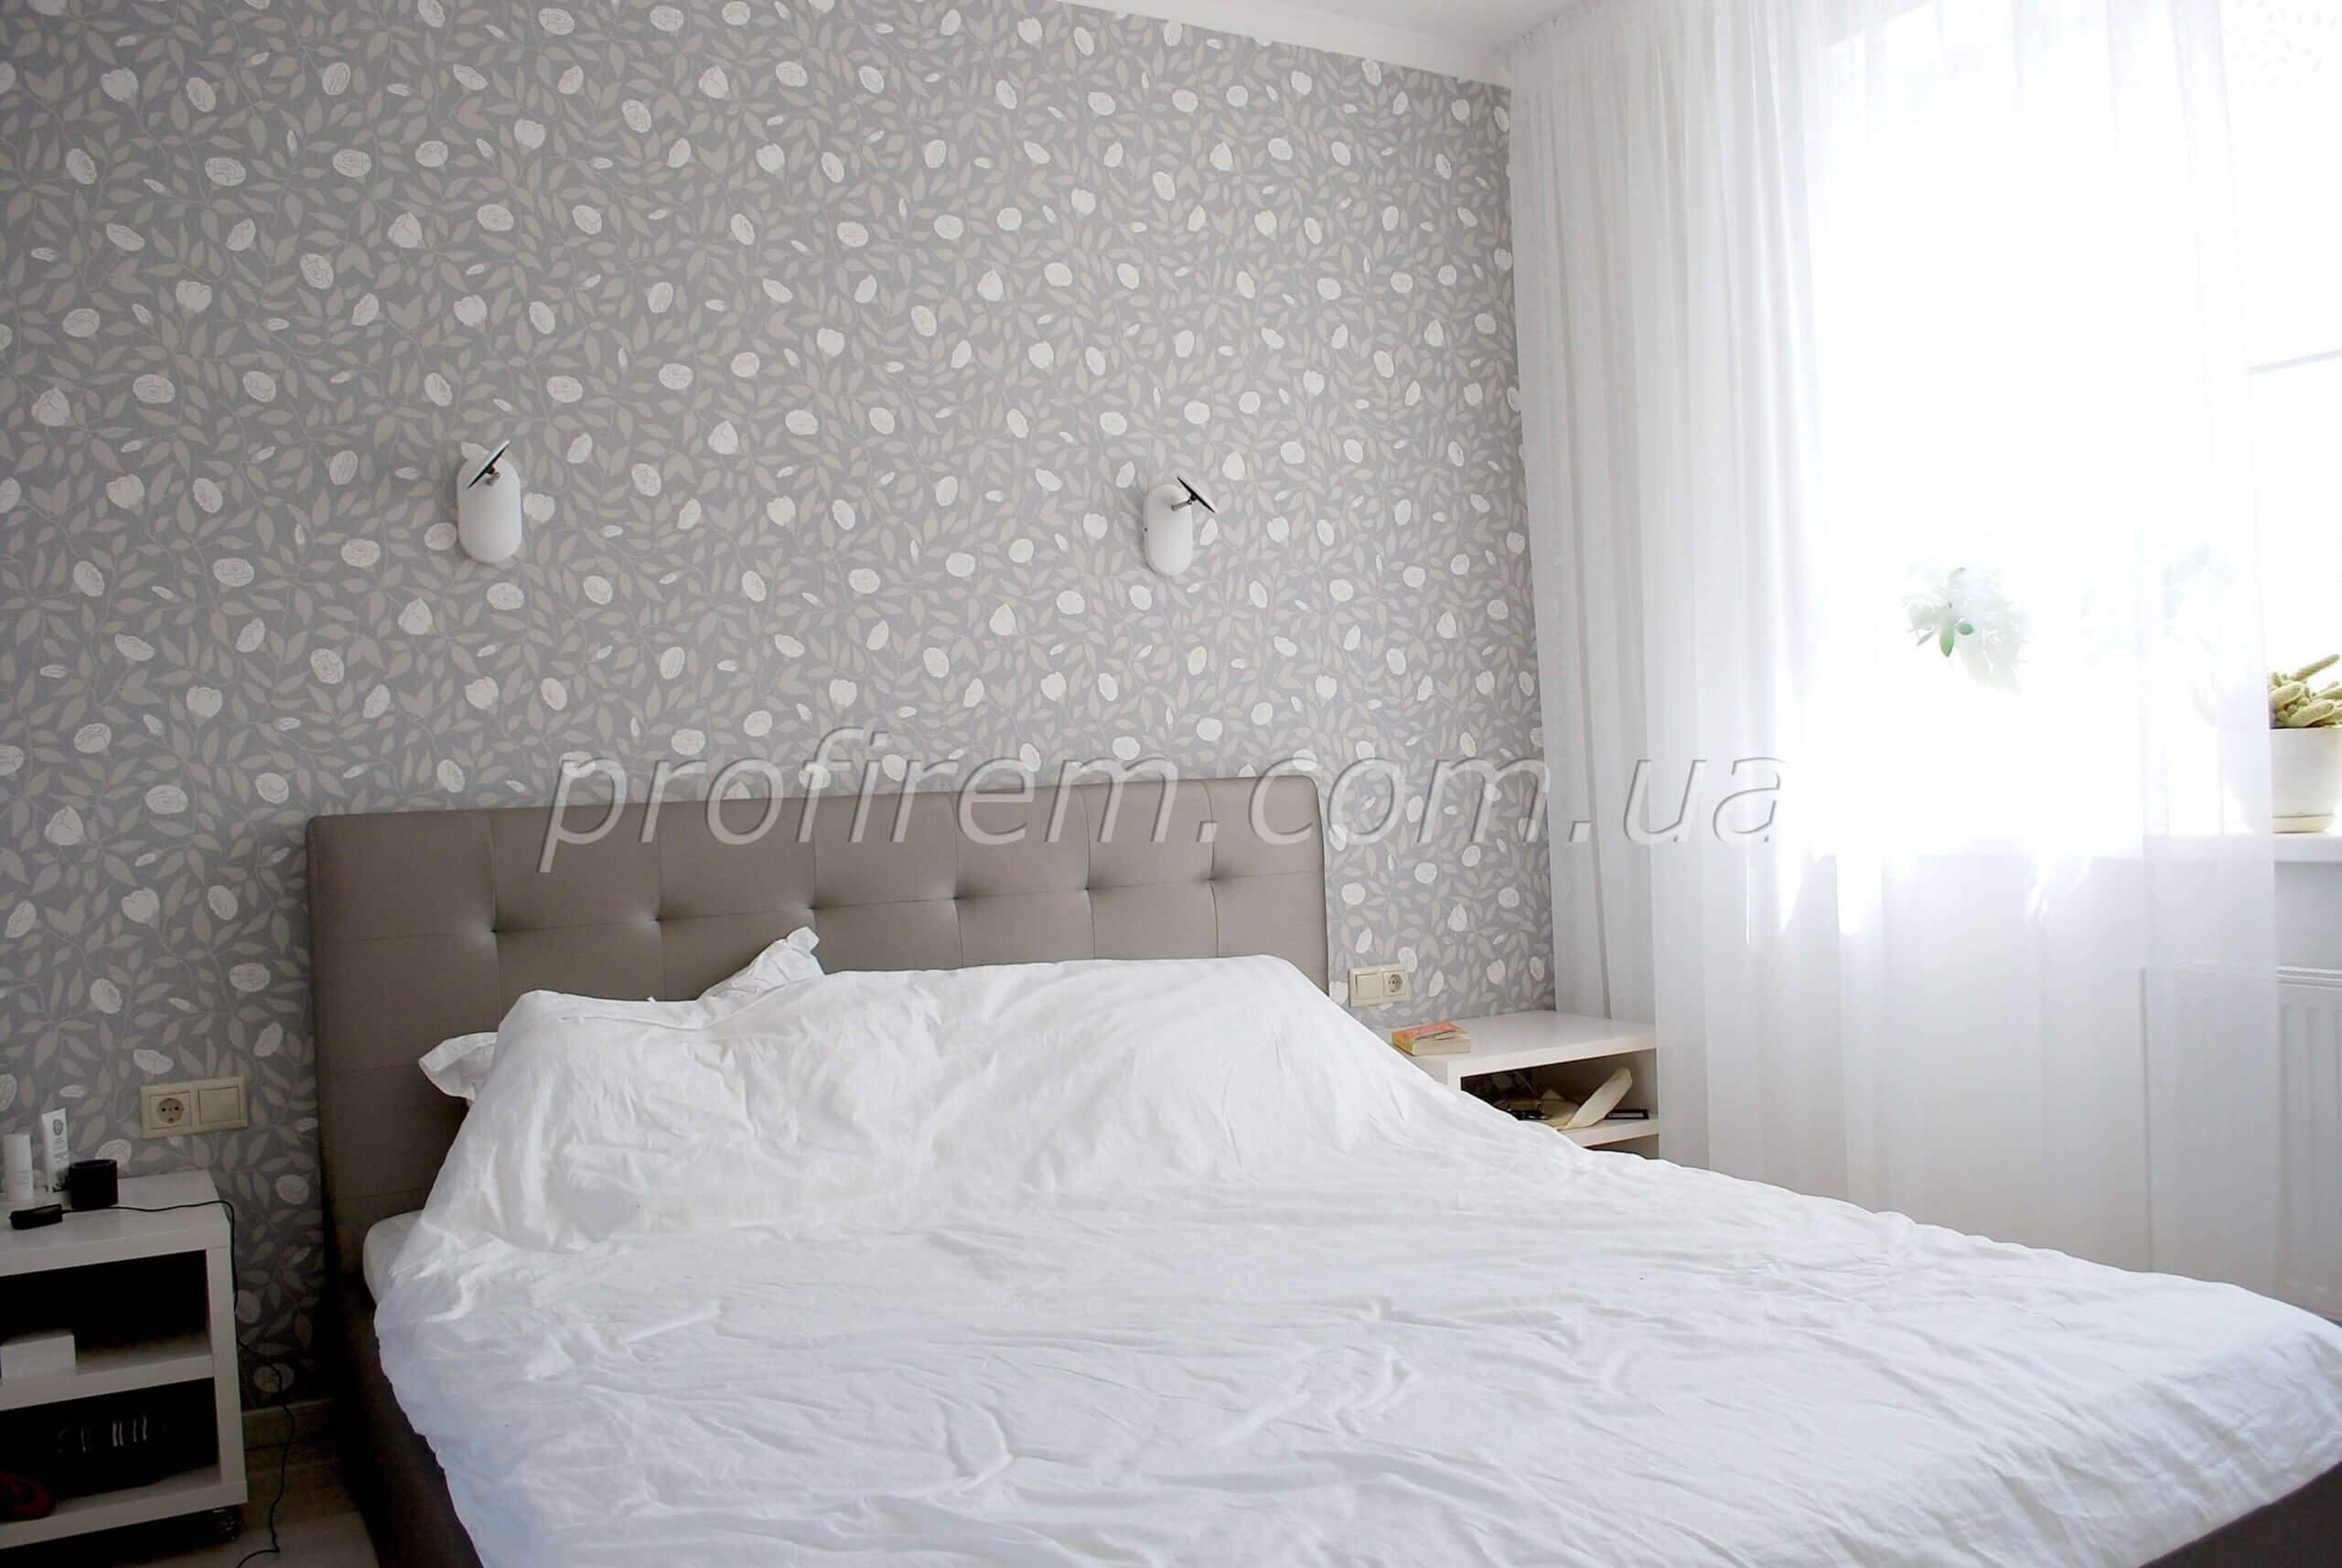 Фото кровати в спальной комнате